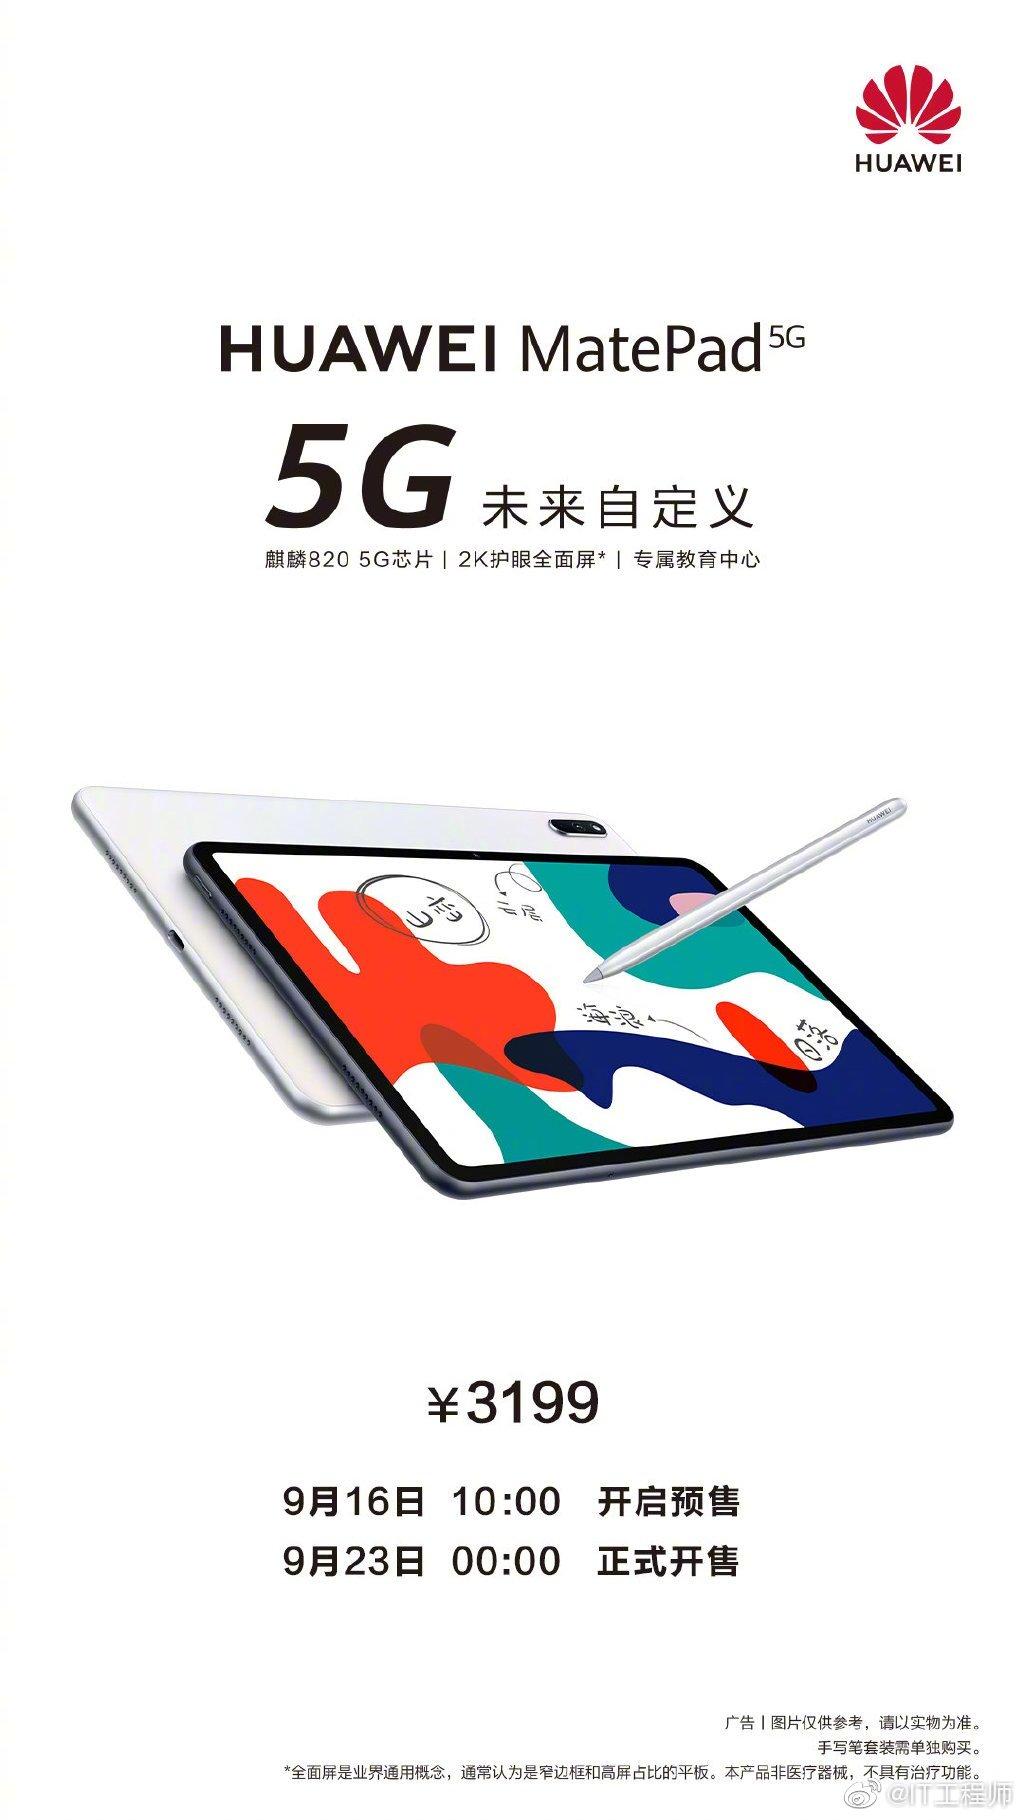 华为 MatePad 5G 正式发布:麒麟 820 5G+2K 屏,3199 元